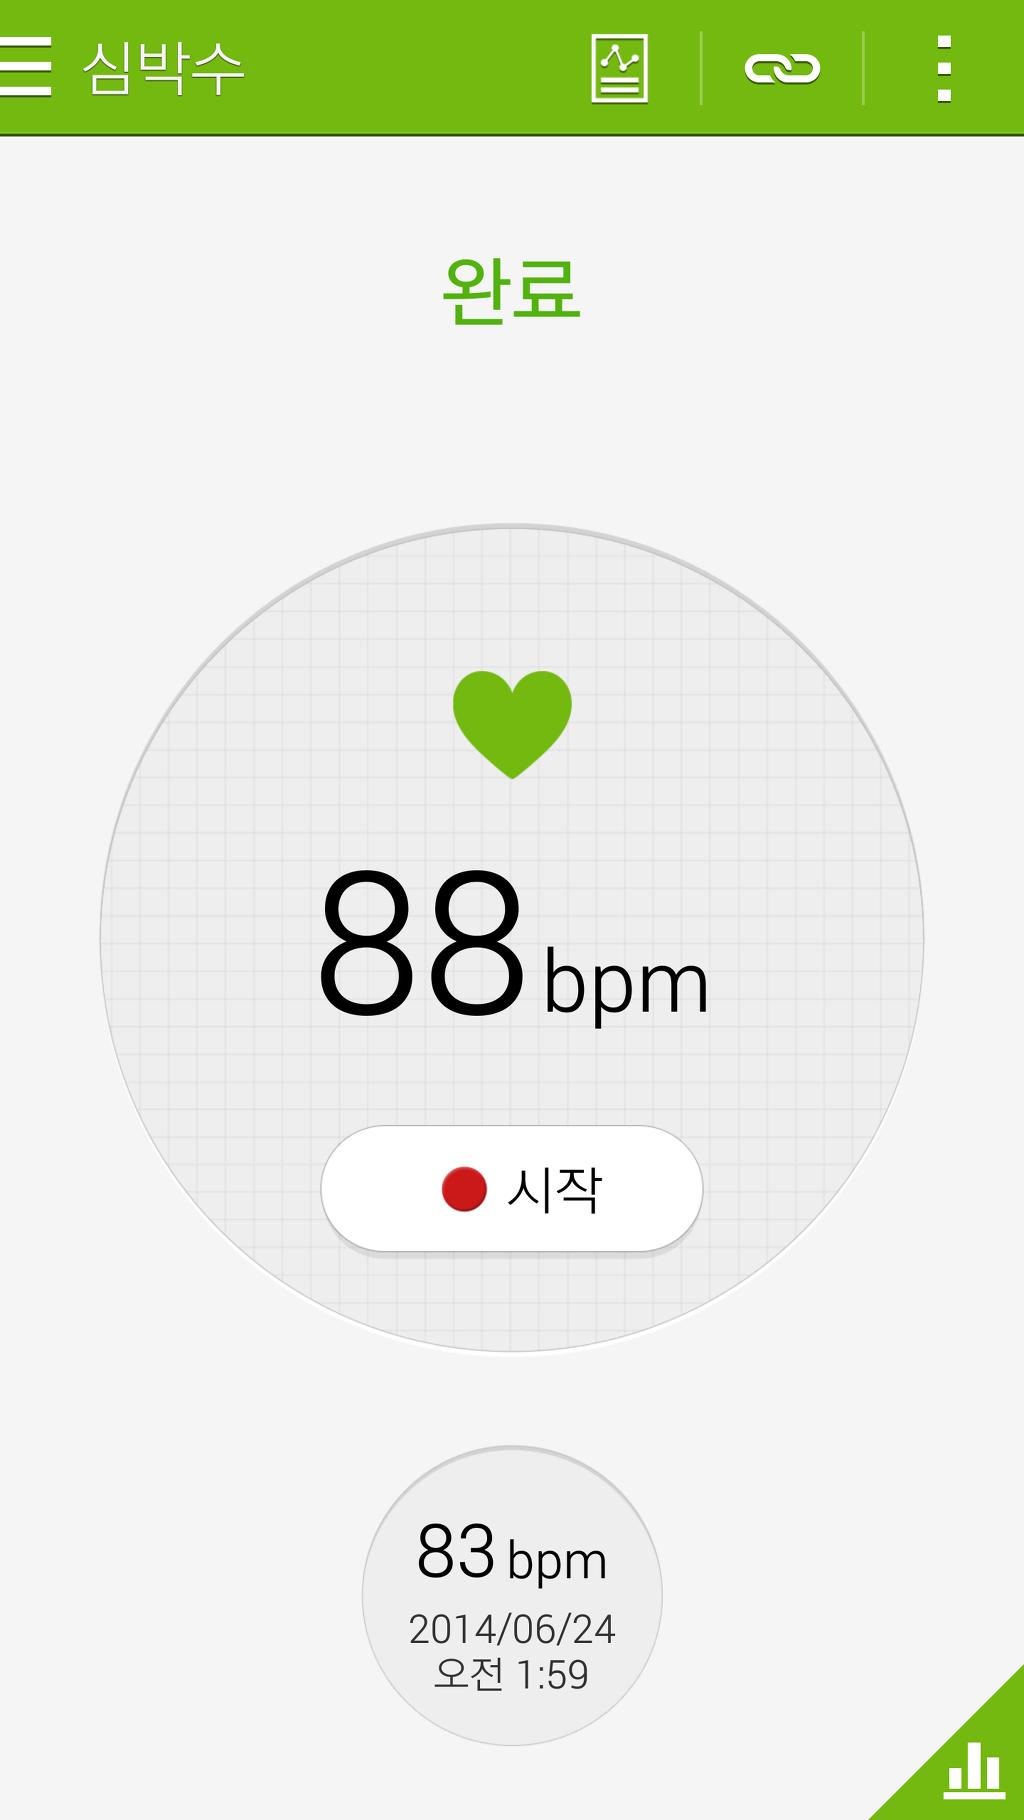 심박수 측정, 갤럭시s5 심박수 측정,